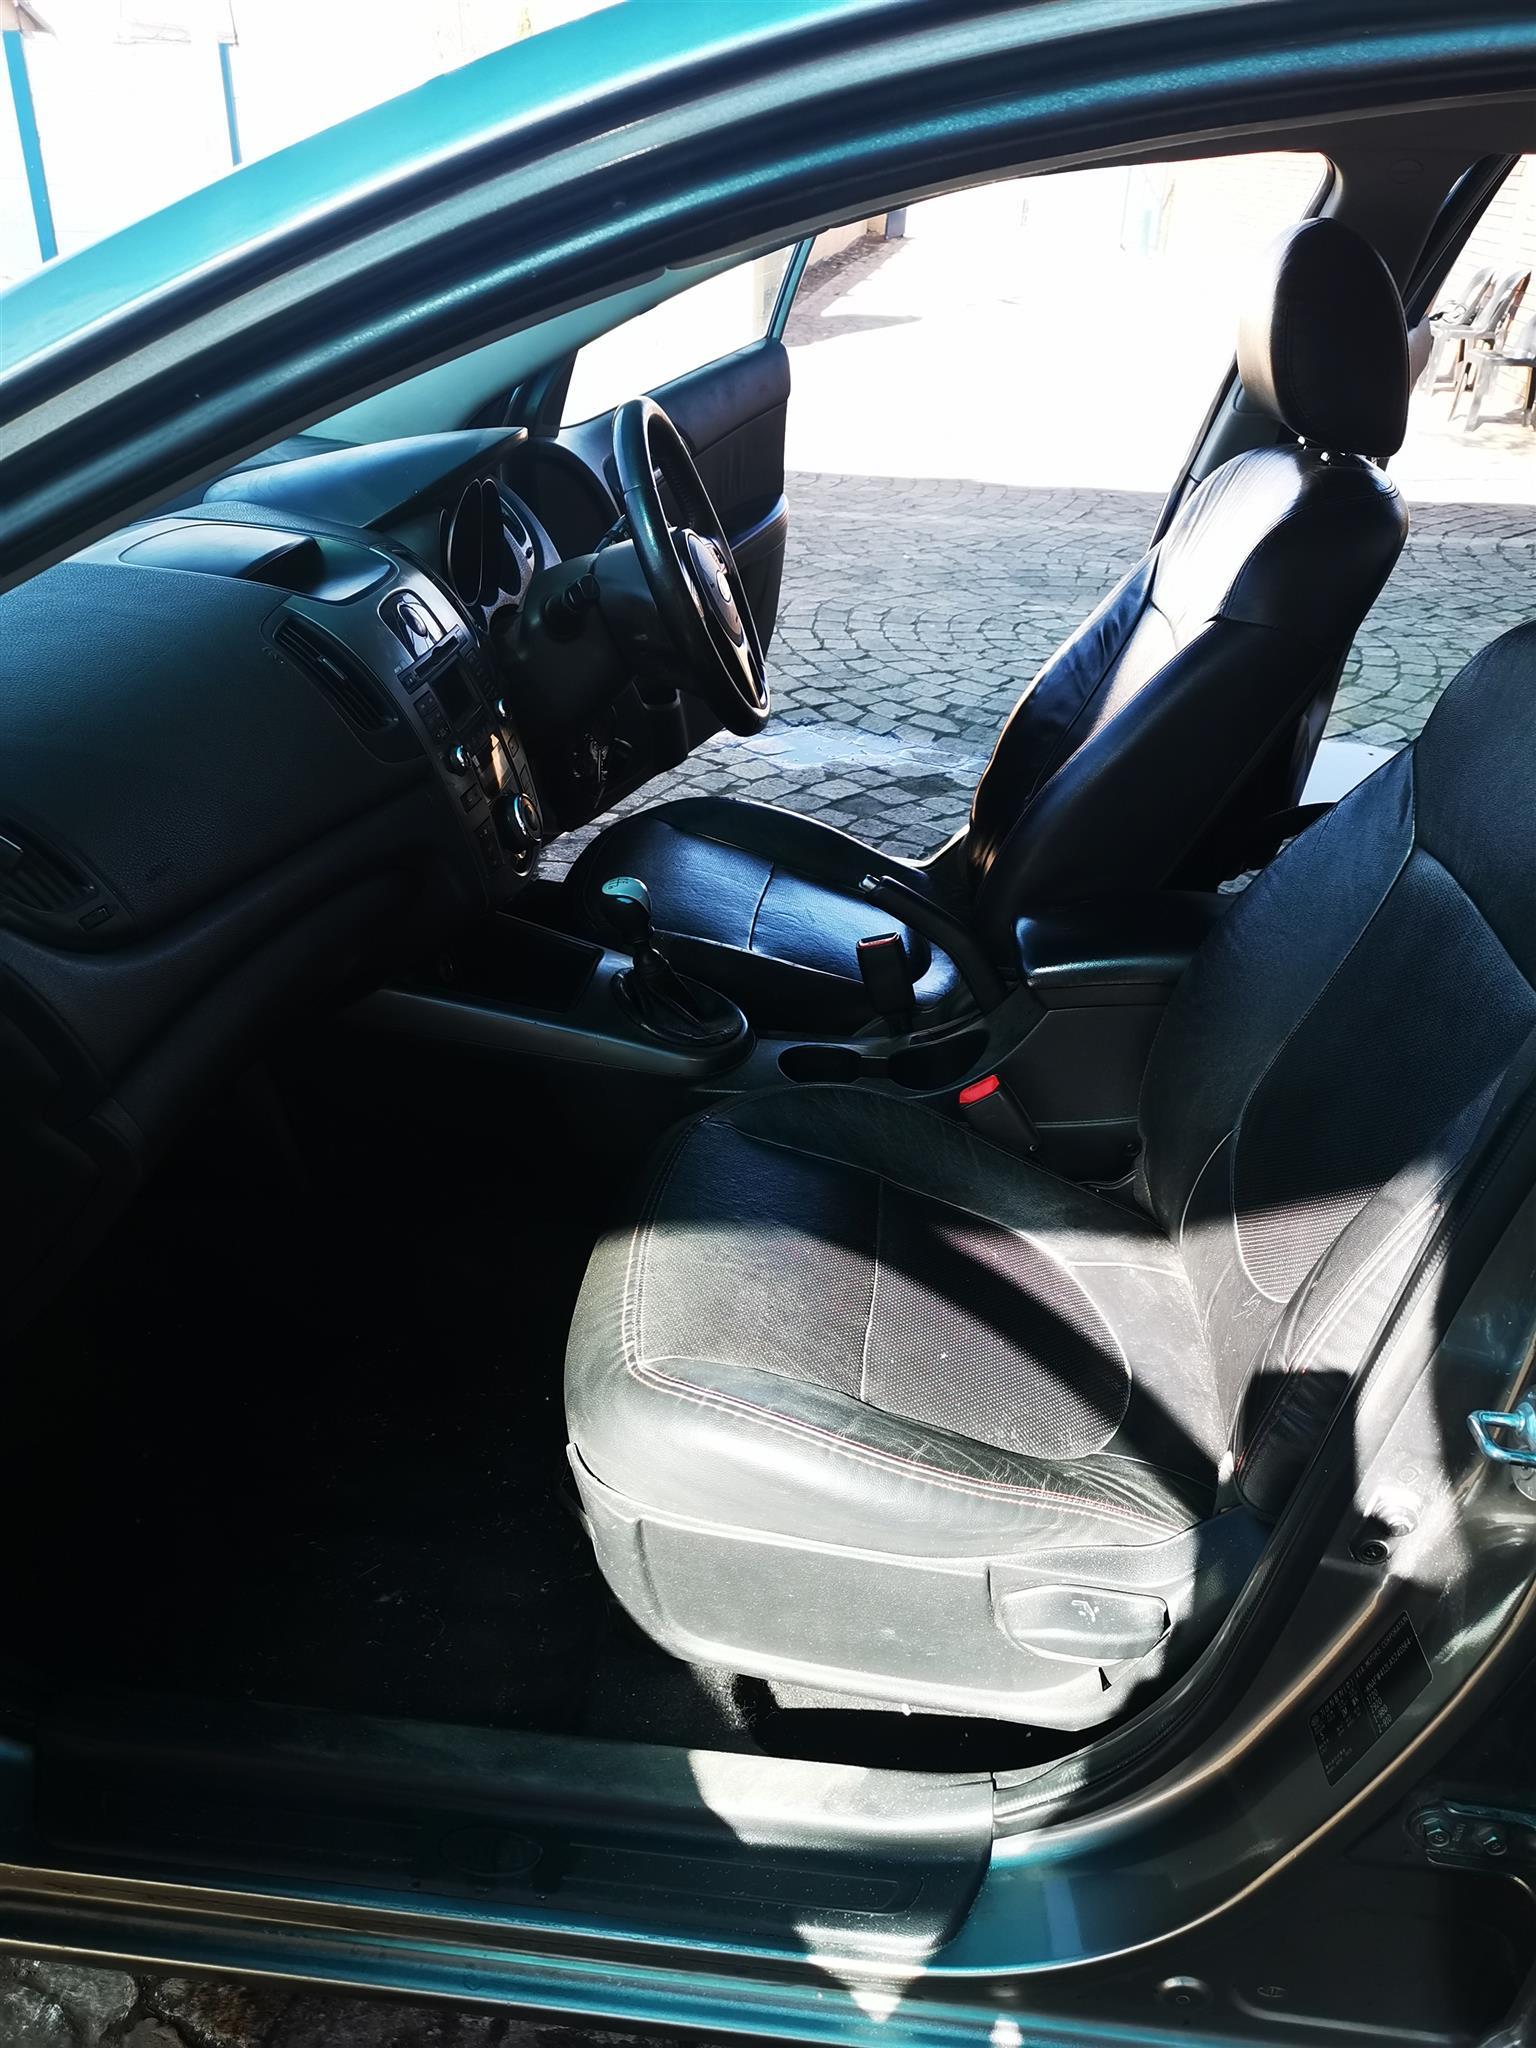 2010 Kia Cerato sedan 2.0 SX